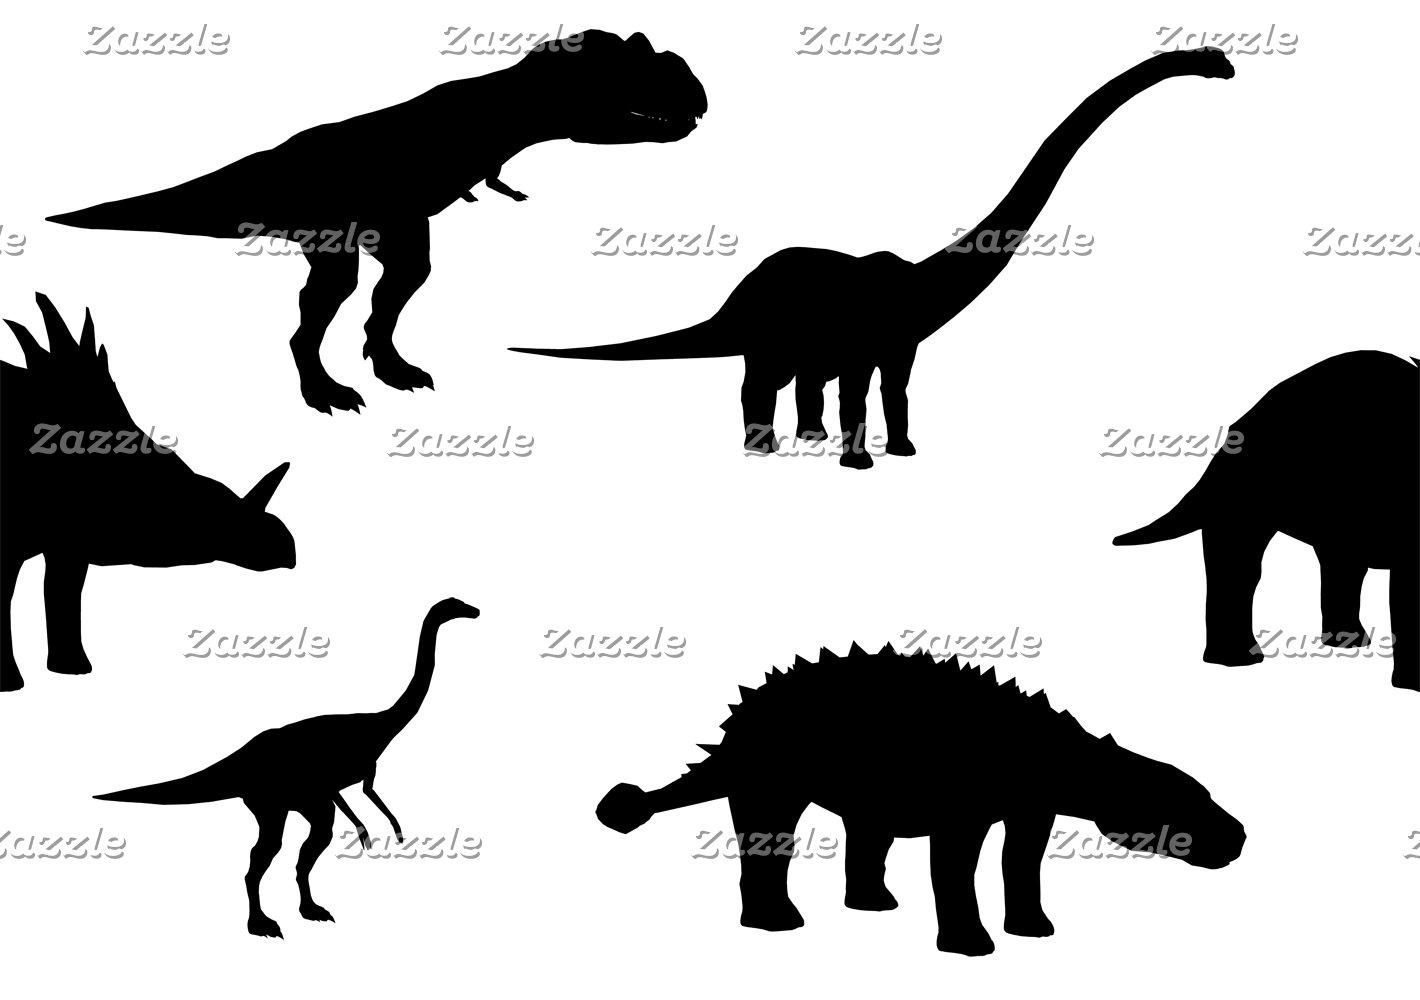 Dinosaurs Dragons Weird Creatures